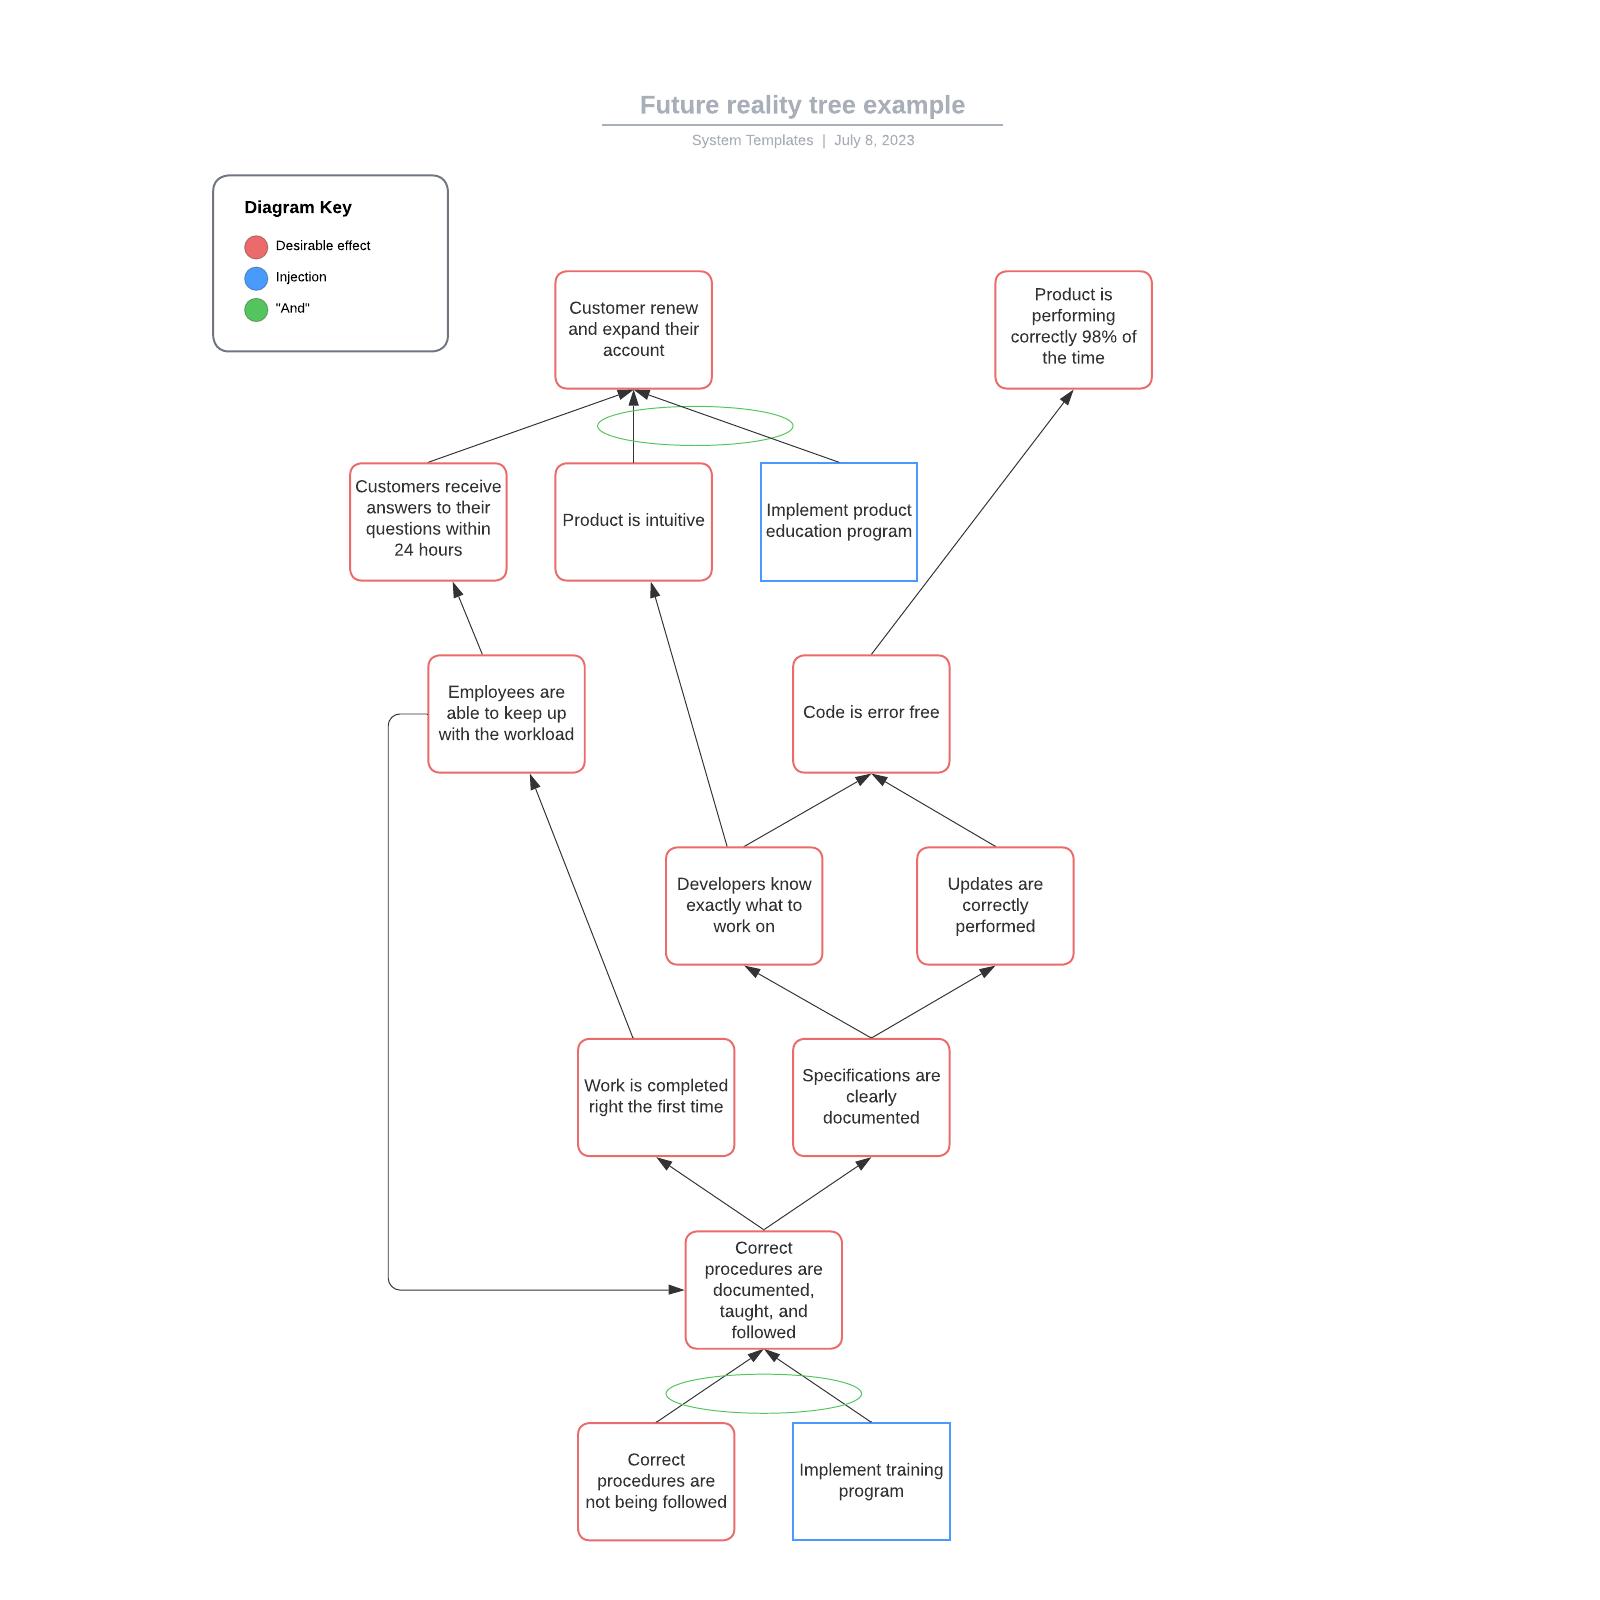 Future reality tree example